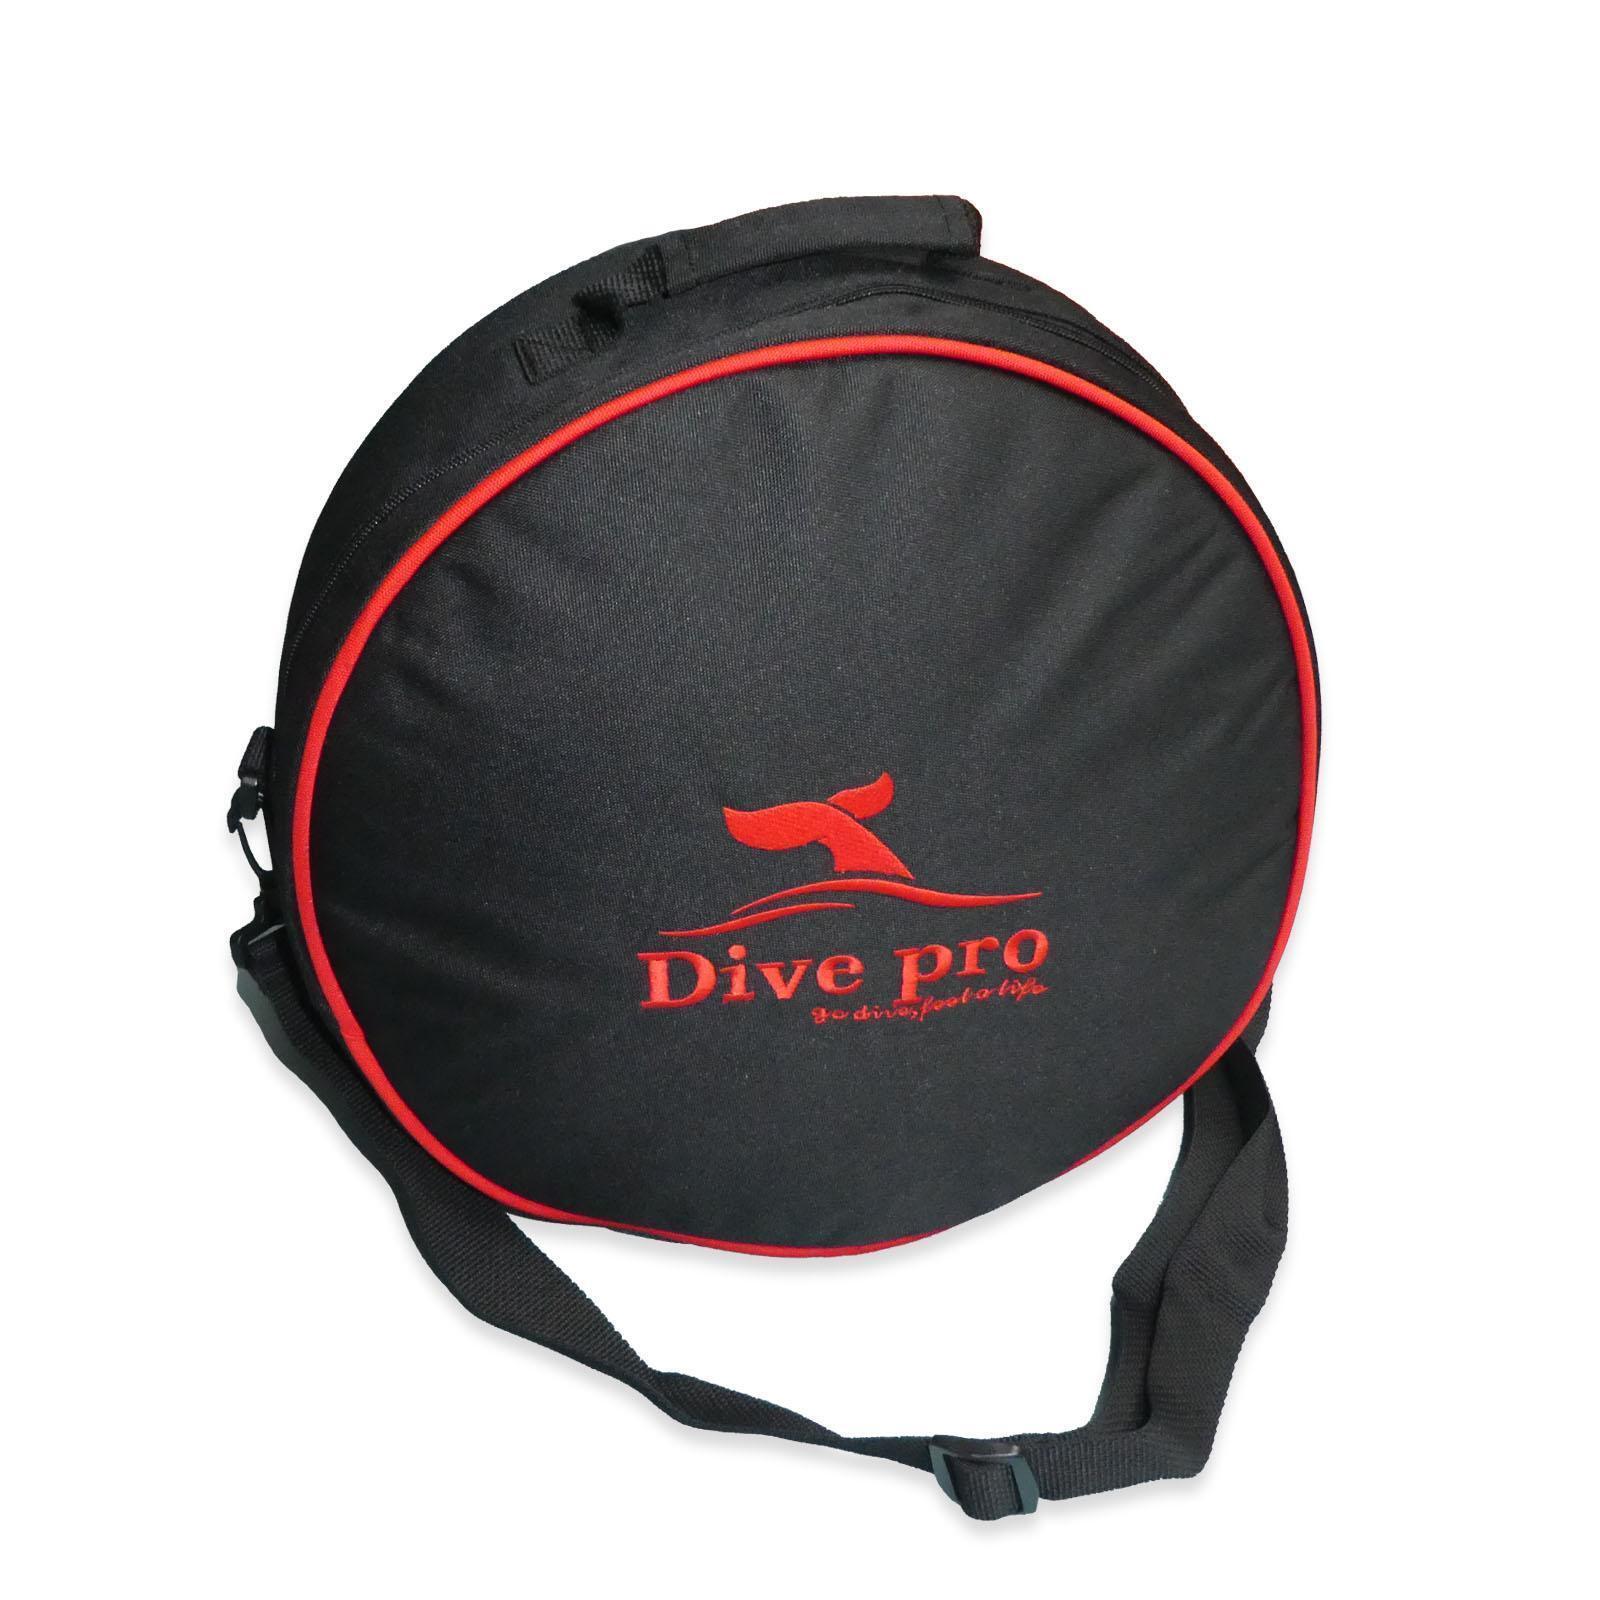 Divepro Regulator Bag - Regulator Bag 360°